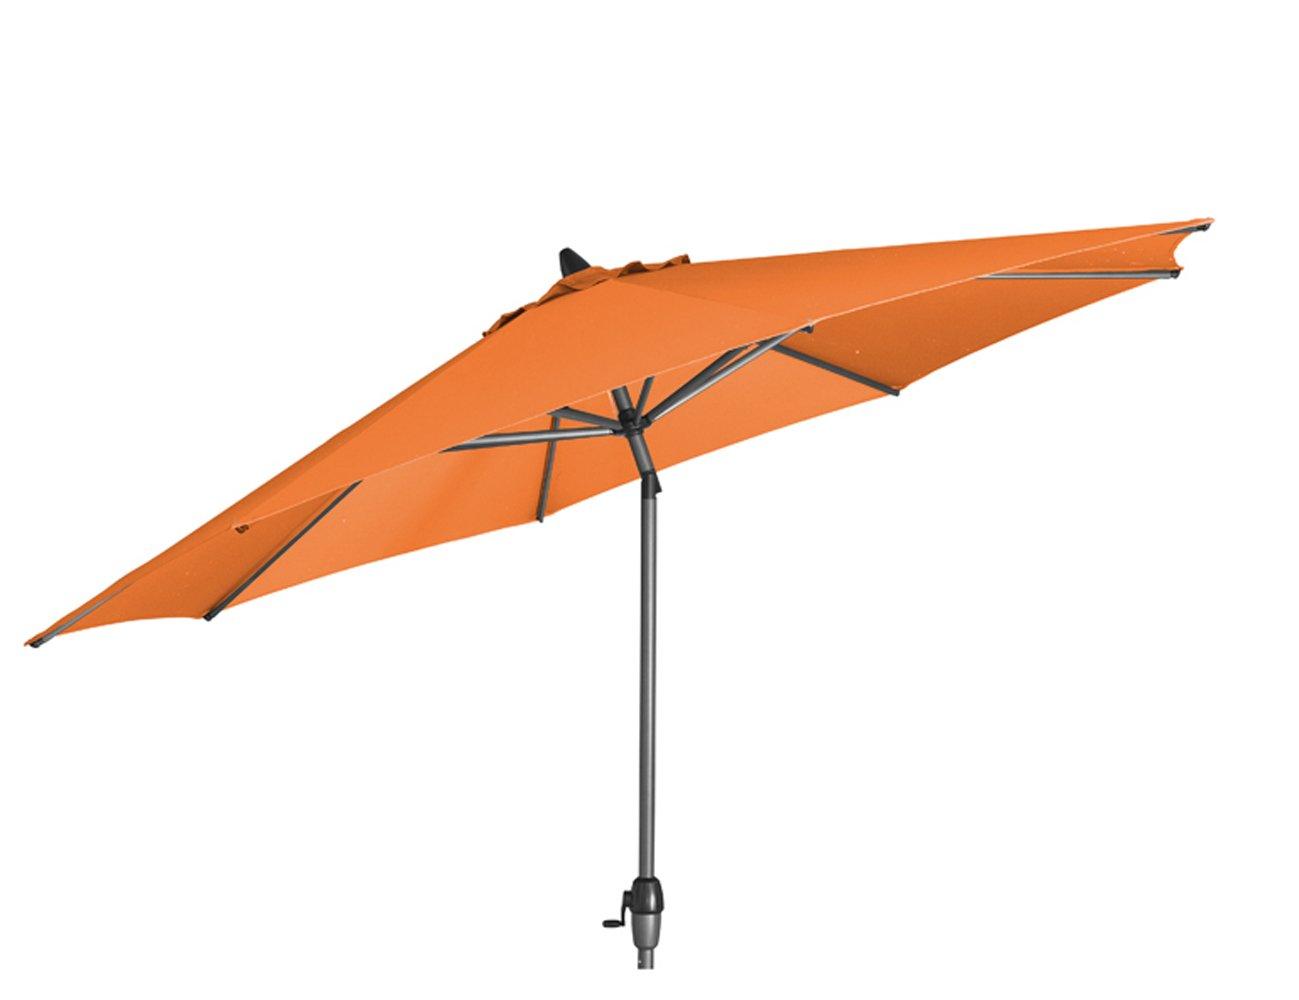 Siena Garden 673226 Azaro Marktschirm Bezug orange Gestell anthrazit Ø 300 cm bestellen